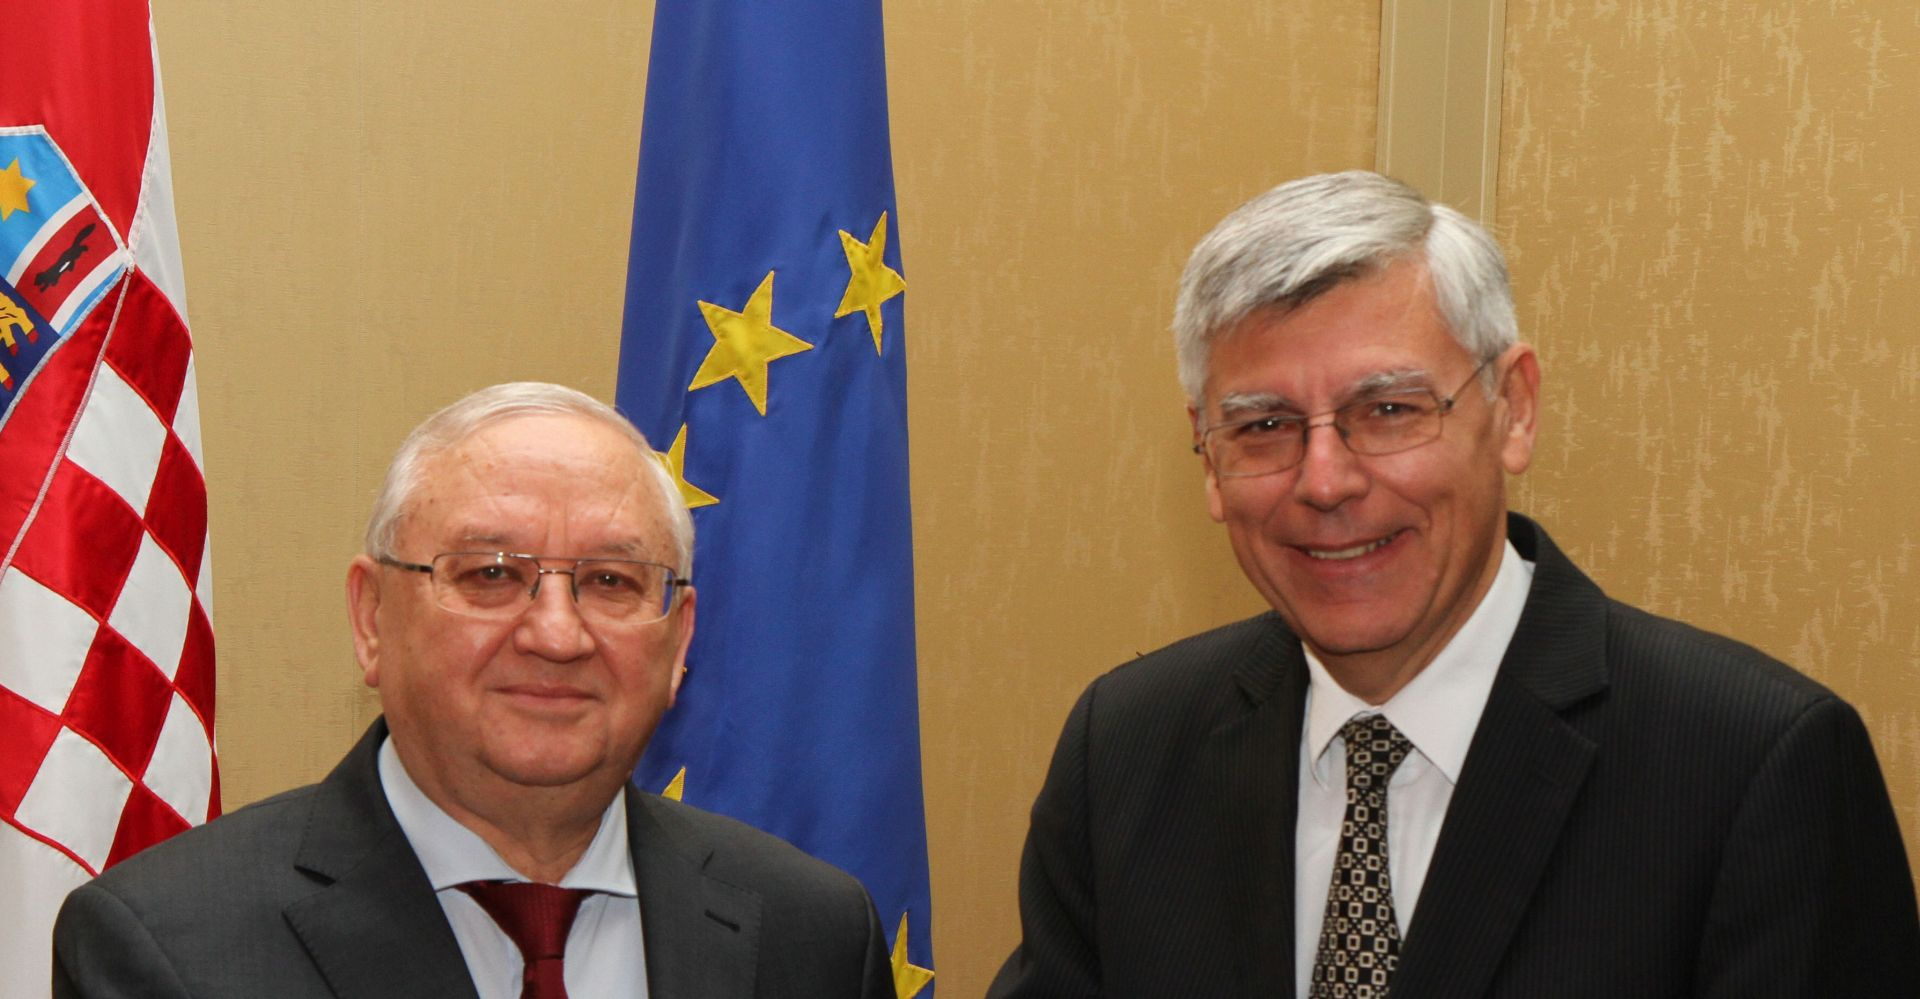 Reiner i Azimov: Pao intenzitet odnosa Rusije i Hrvatske